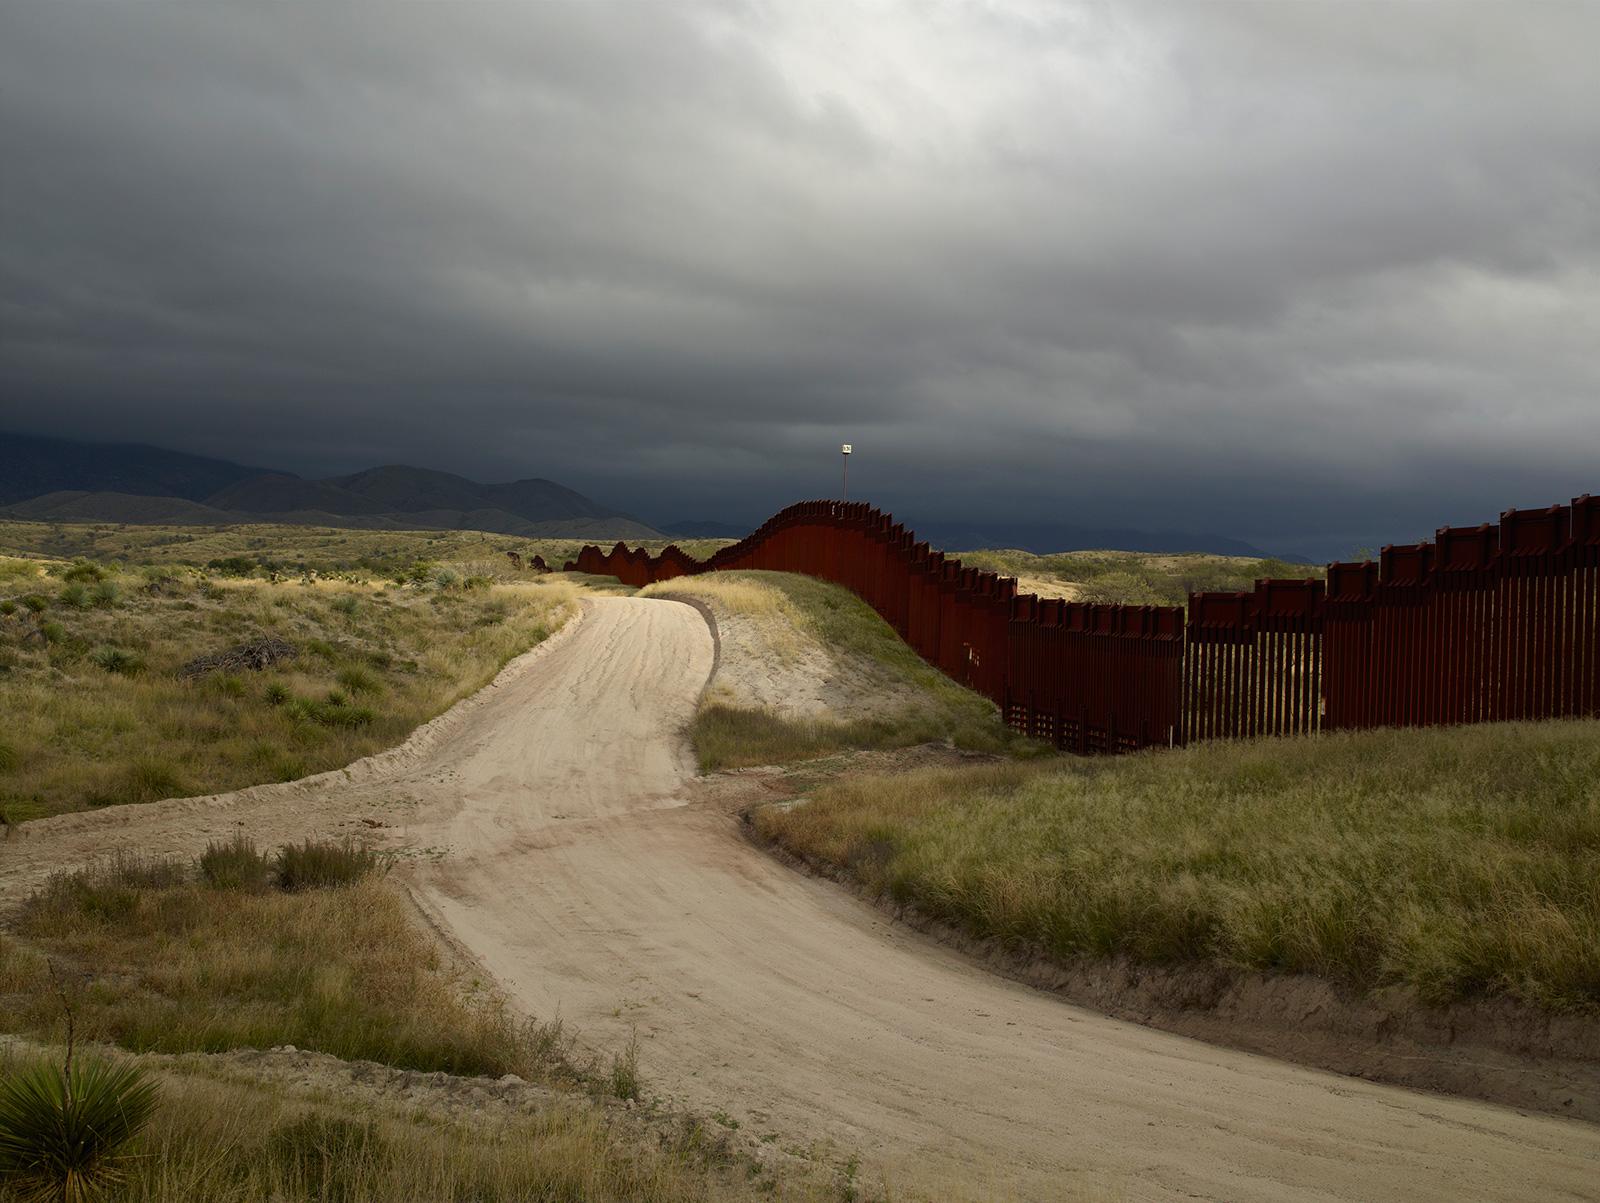 Richard Misrach: Wall, east of Nogales, Arizona / El muro, al este de Nogales, Arizona, 2014